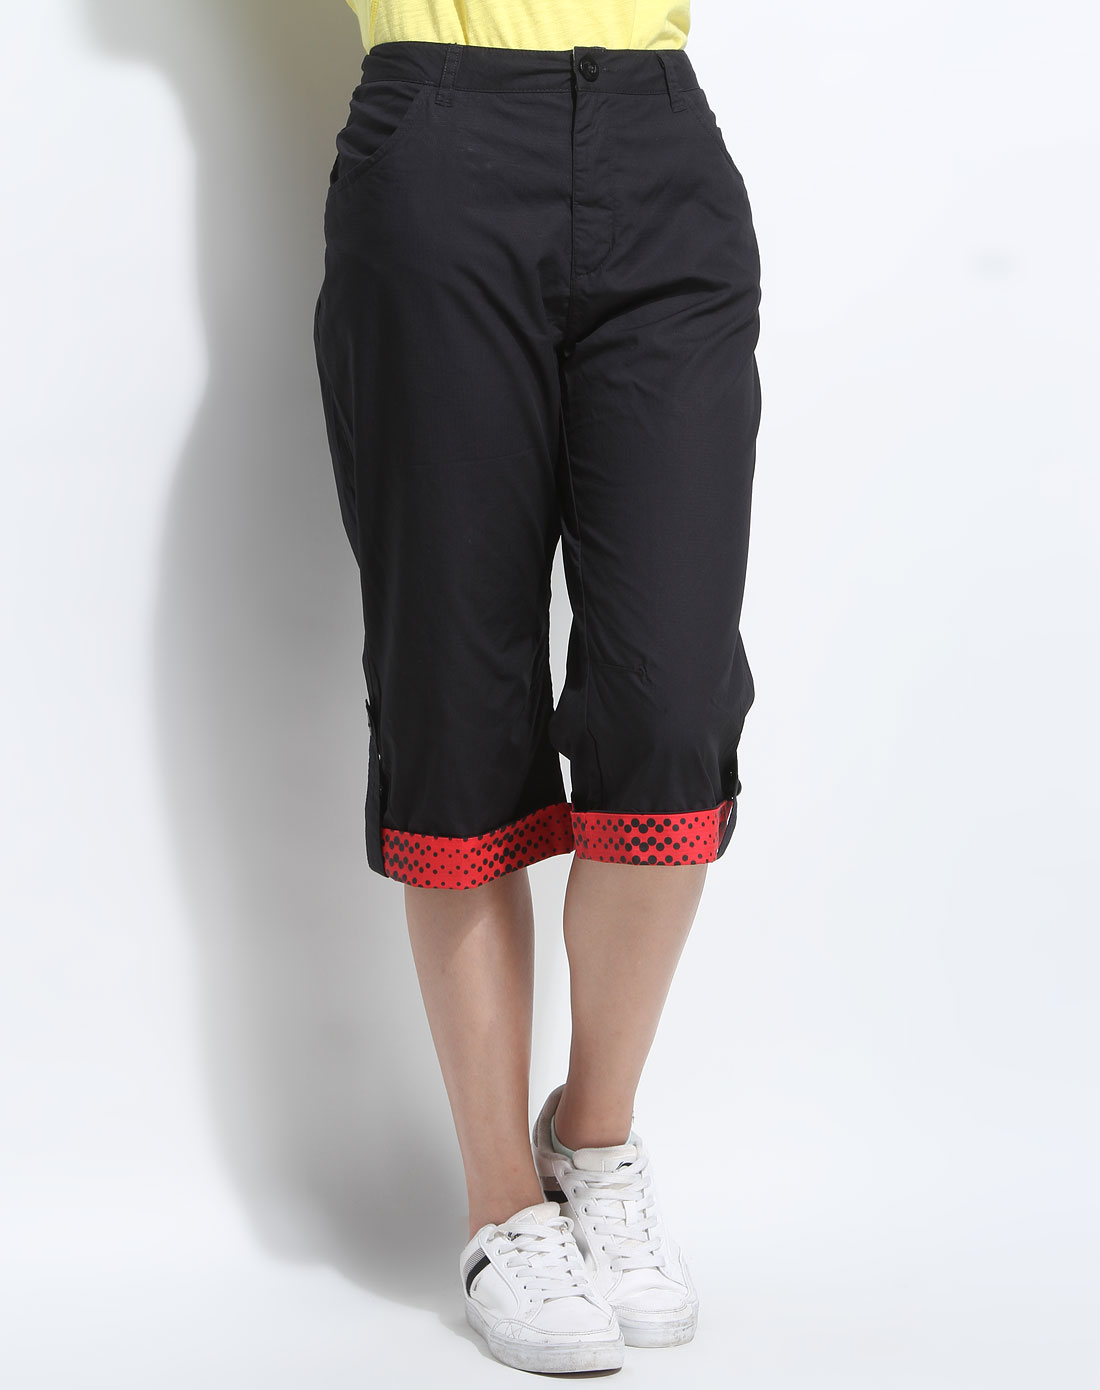 安踏anta女装专场-女款黑色时尚七分裤